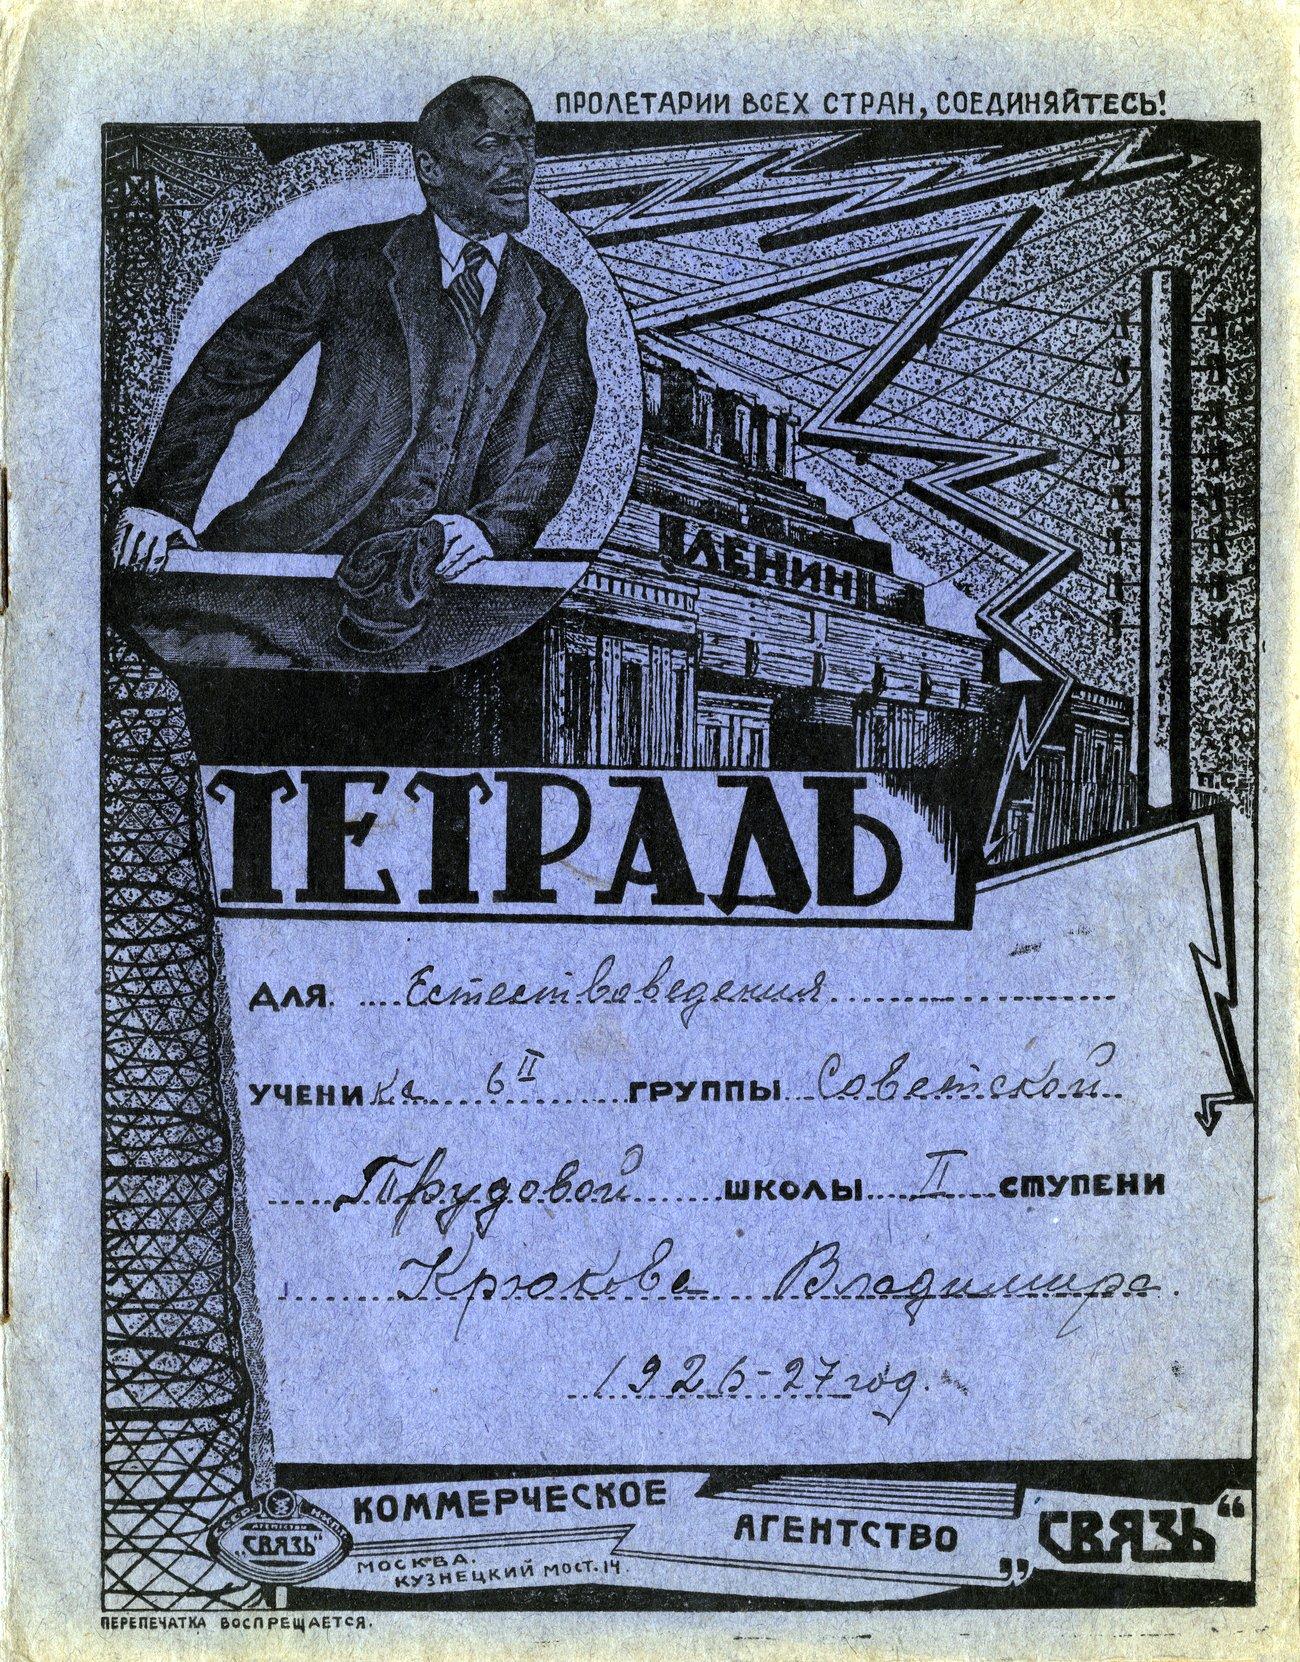 """Коммерческое агентство """"СВЯЗЬ"""", Ленин, 1926, 170х220"""